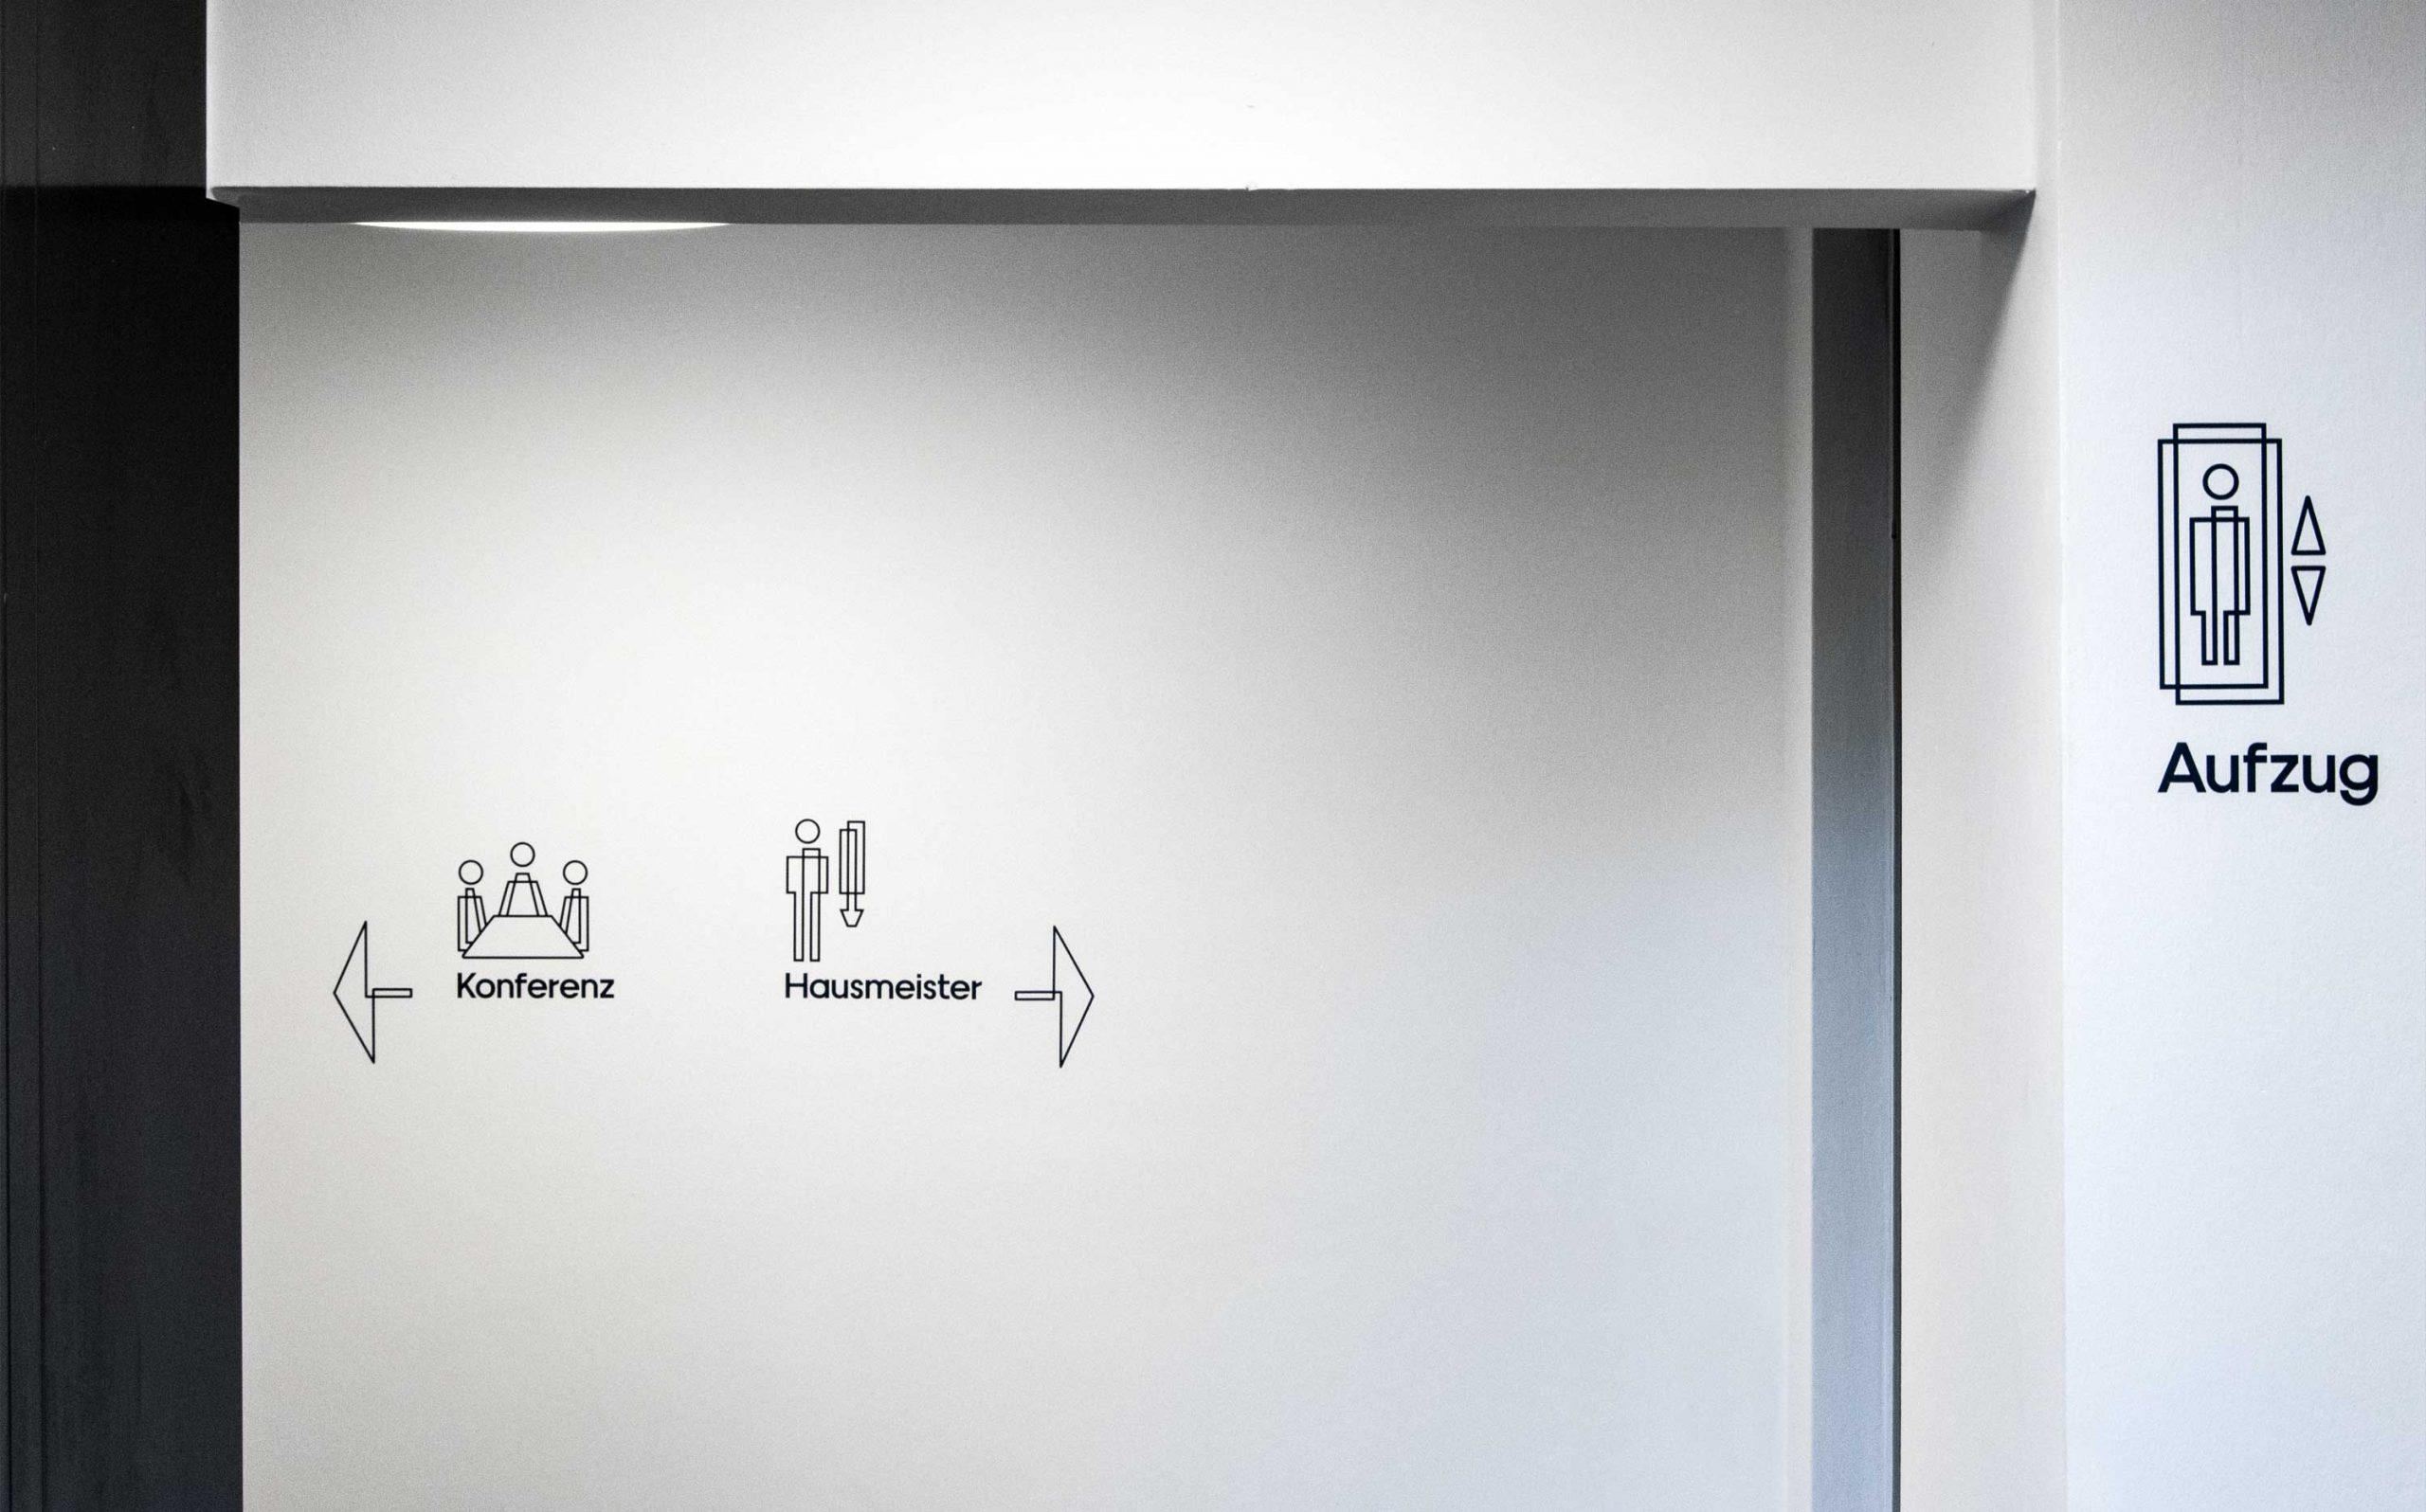 Etagenkennzeichnung für das Rechenzentrum der Finanzverwaltung des Landes Nordrhein-Westfalen | Piktogramme | Keywords: Etagenkennzeichnung, Signaletik, Leitsystem, Orientierungssystem, Design, Grafikdesign, Typografie